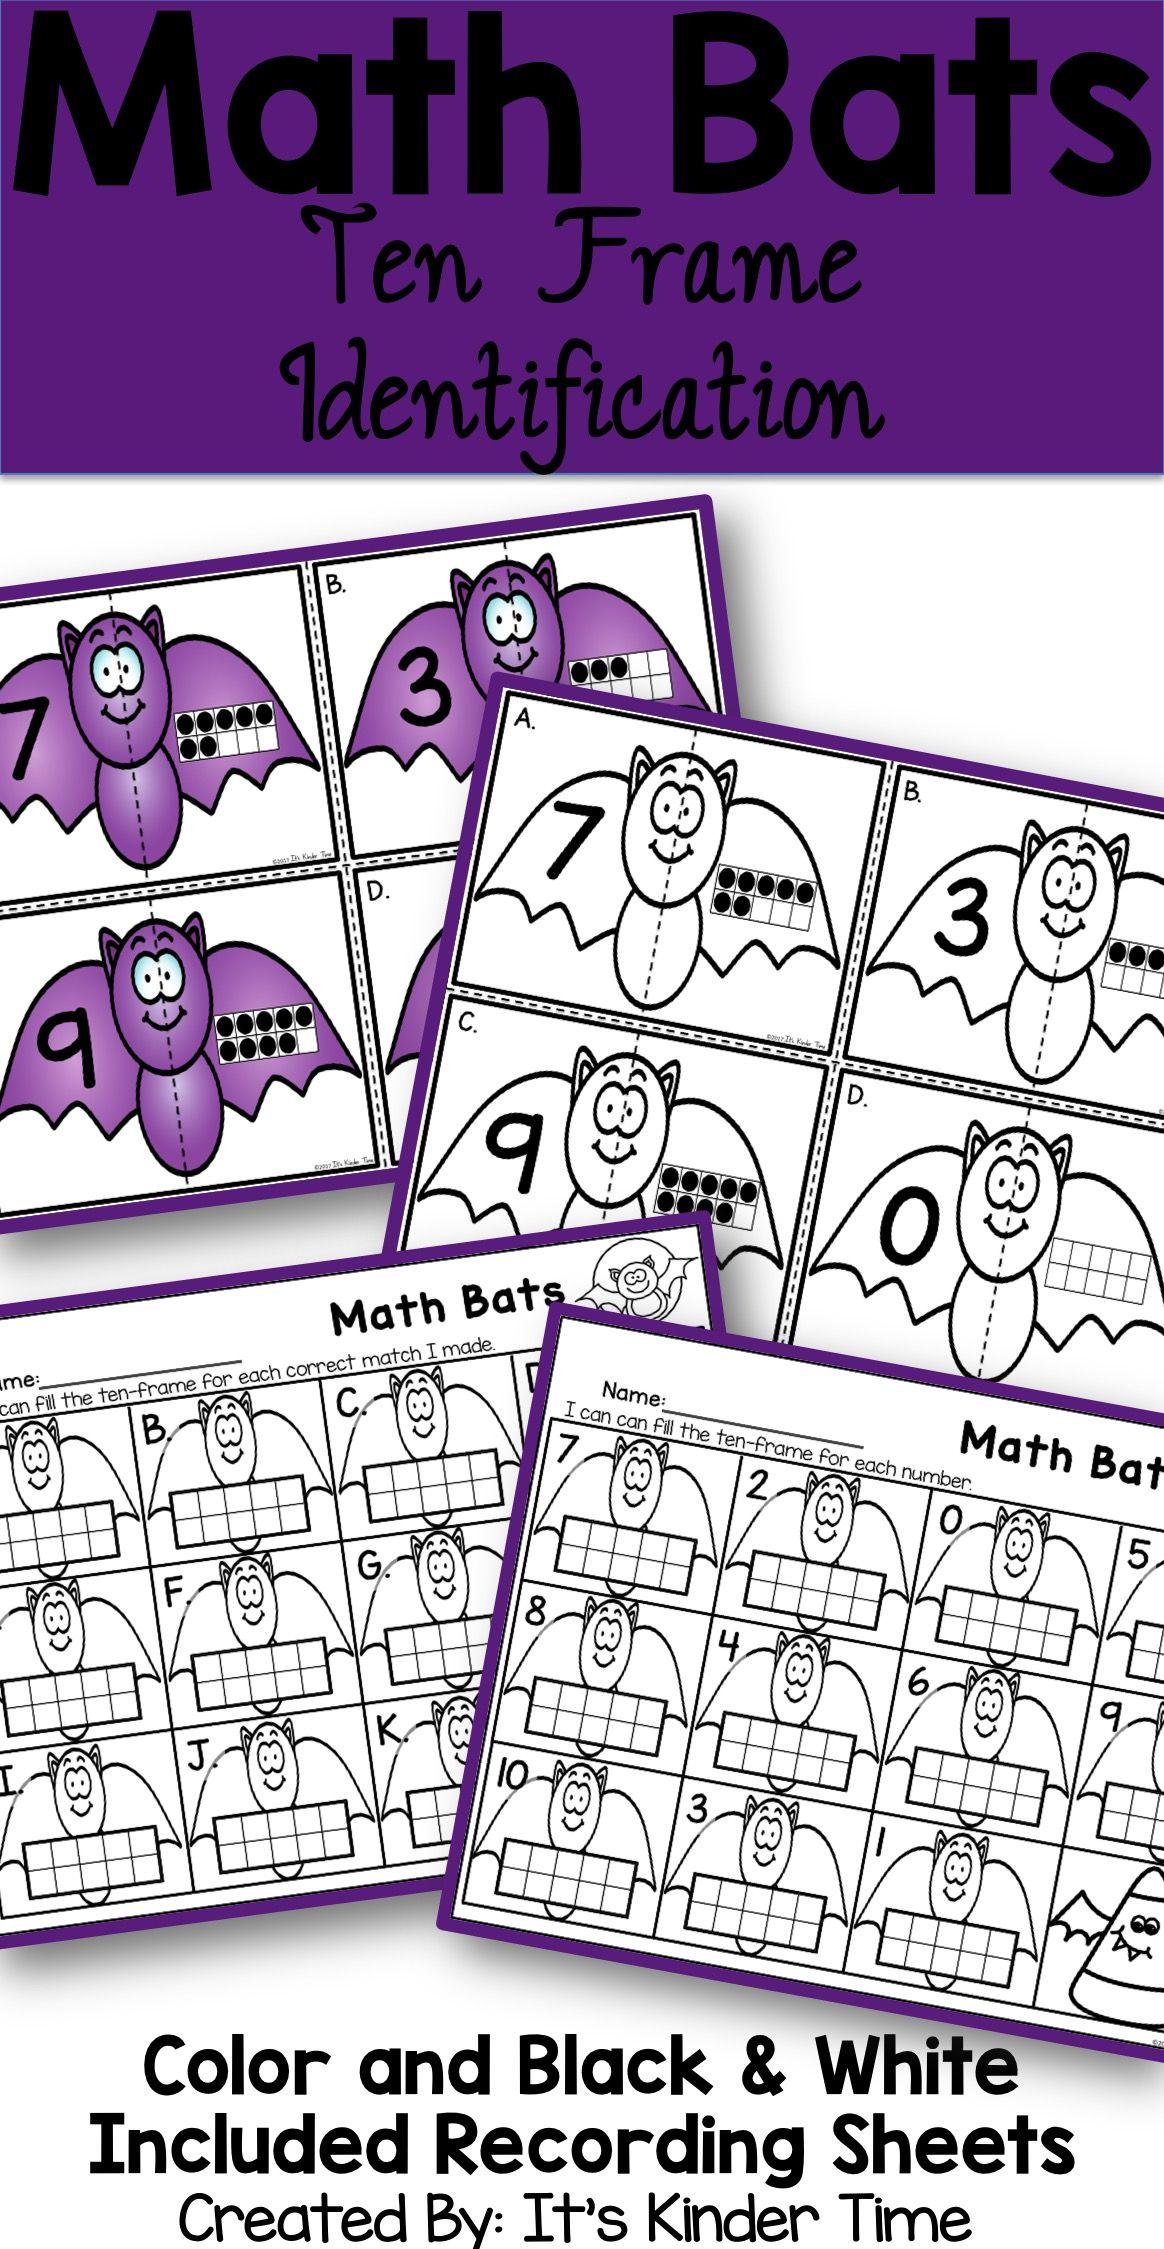 Math Bats